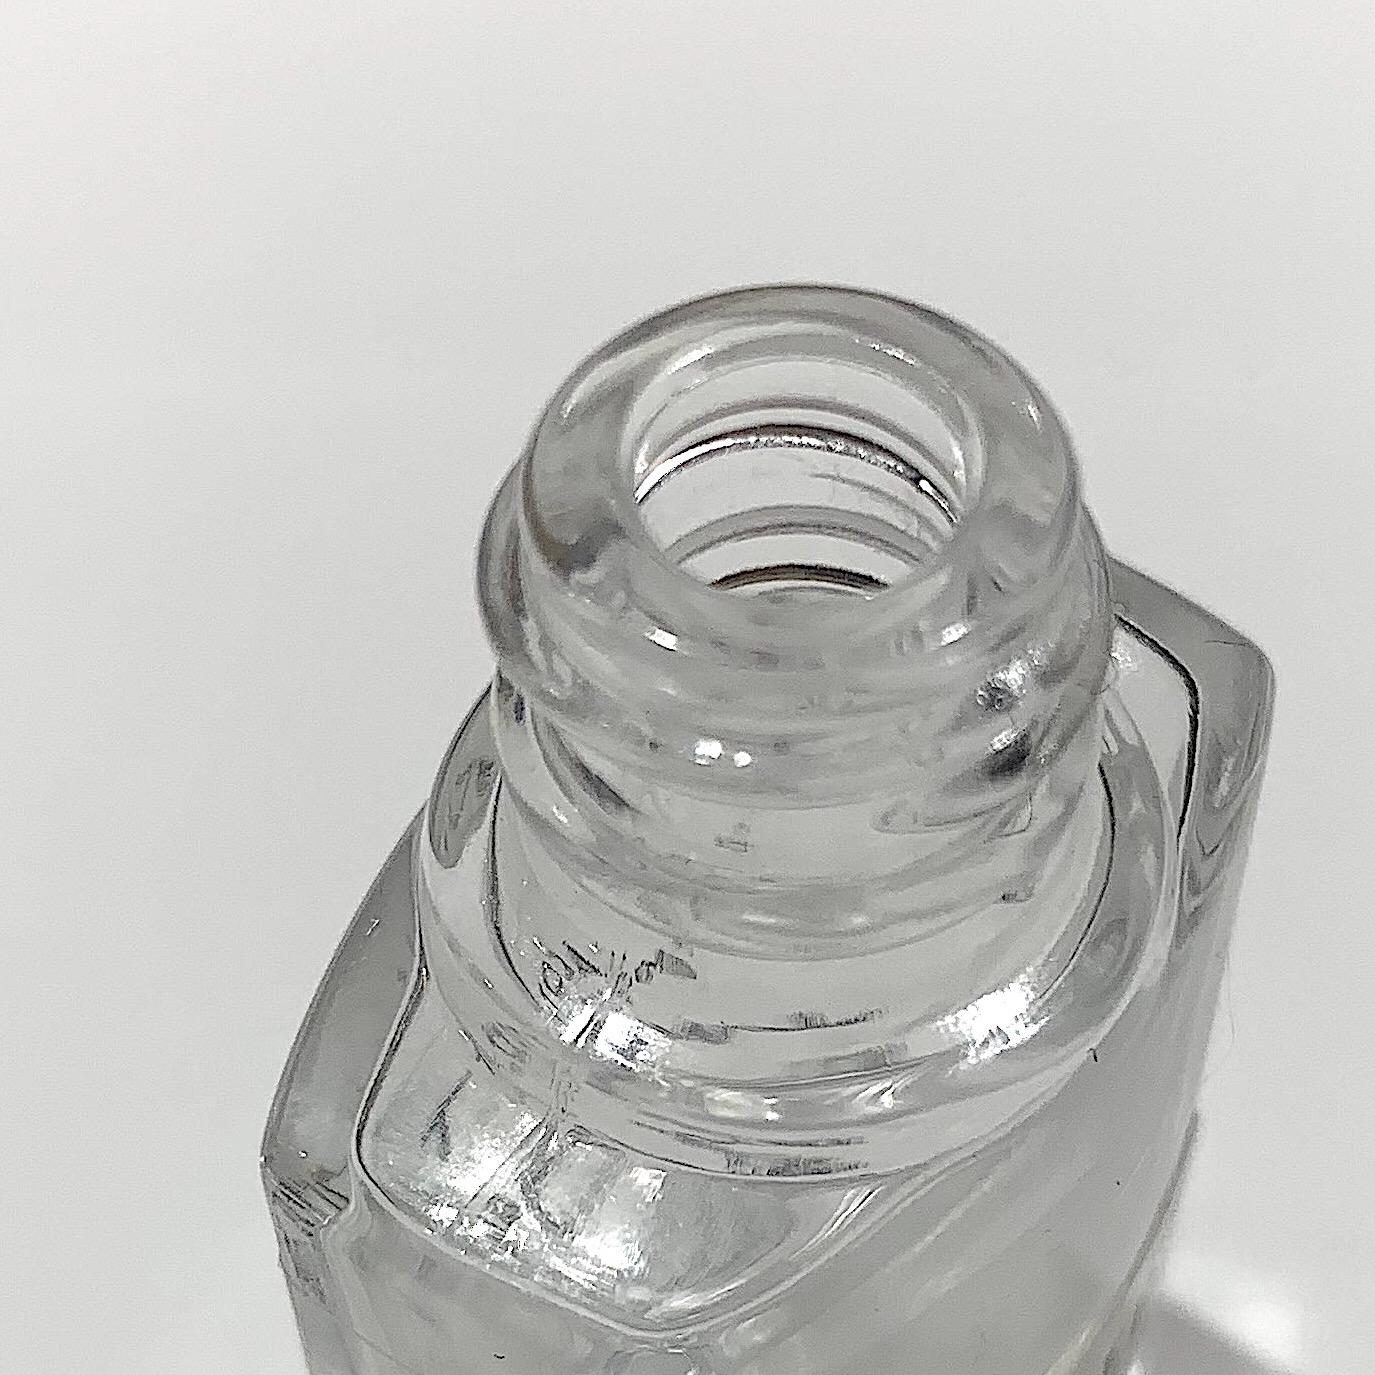 アイリスブラン'19(パルファム)5mlミニボトル/MACOTT 限定熟成香水